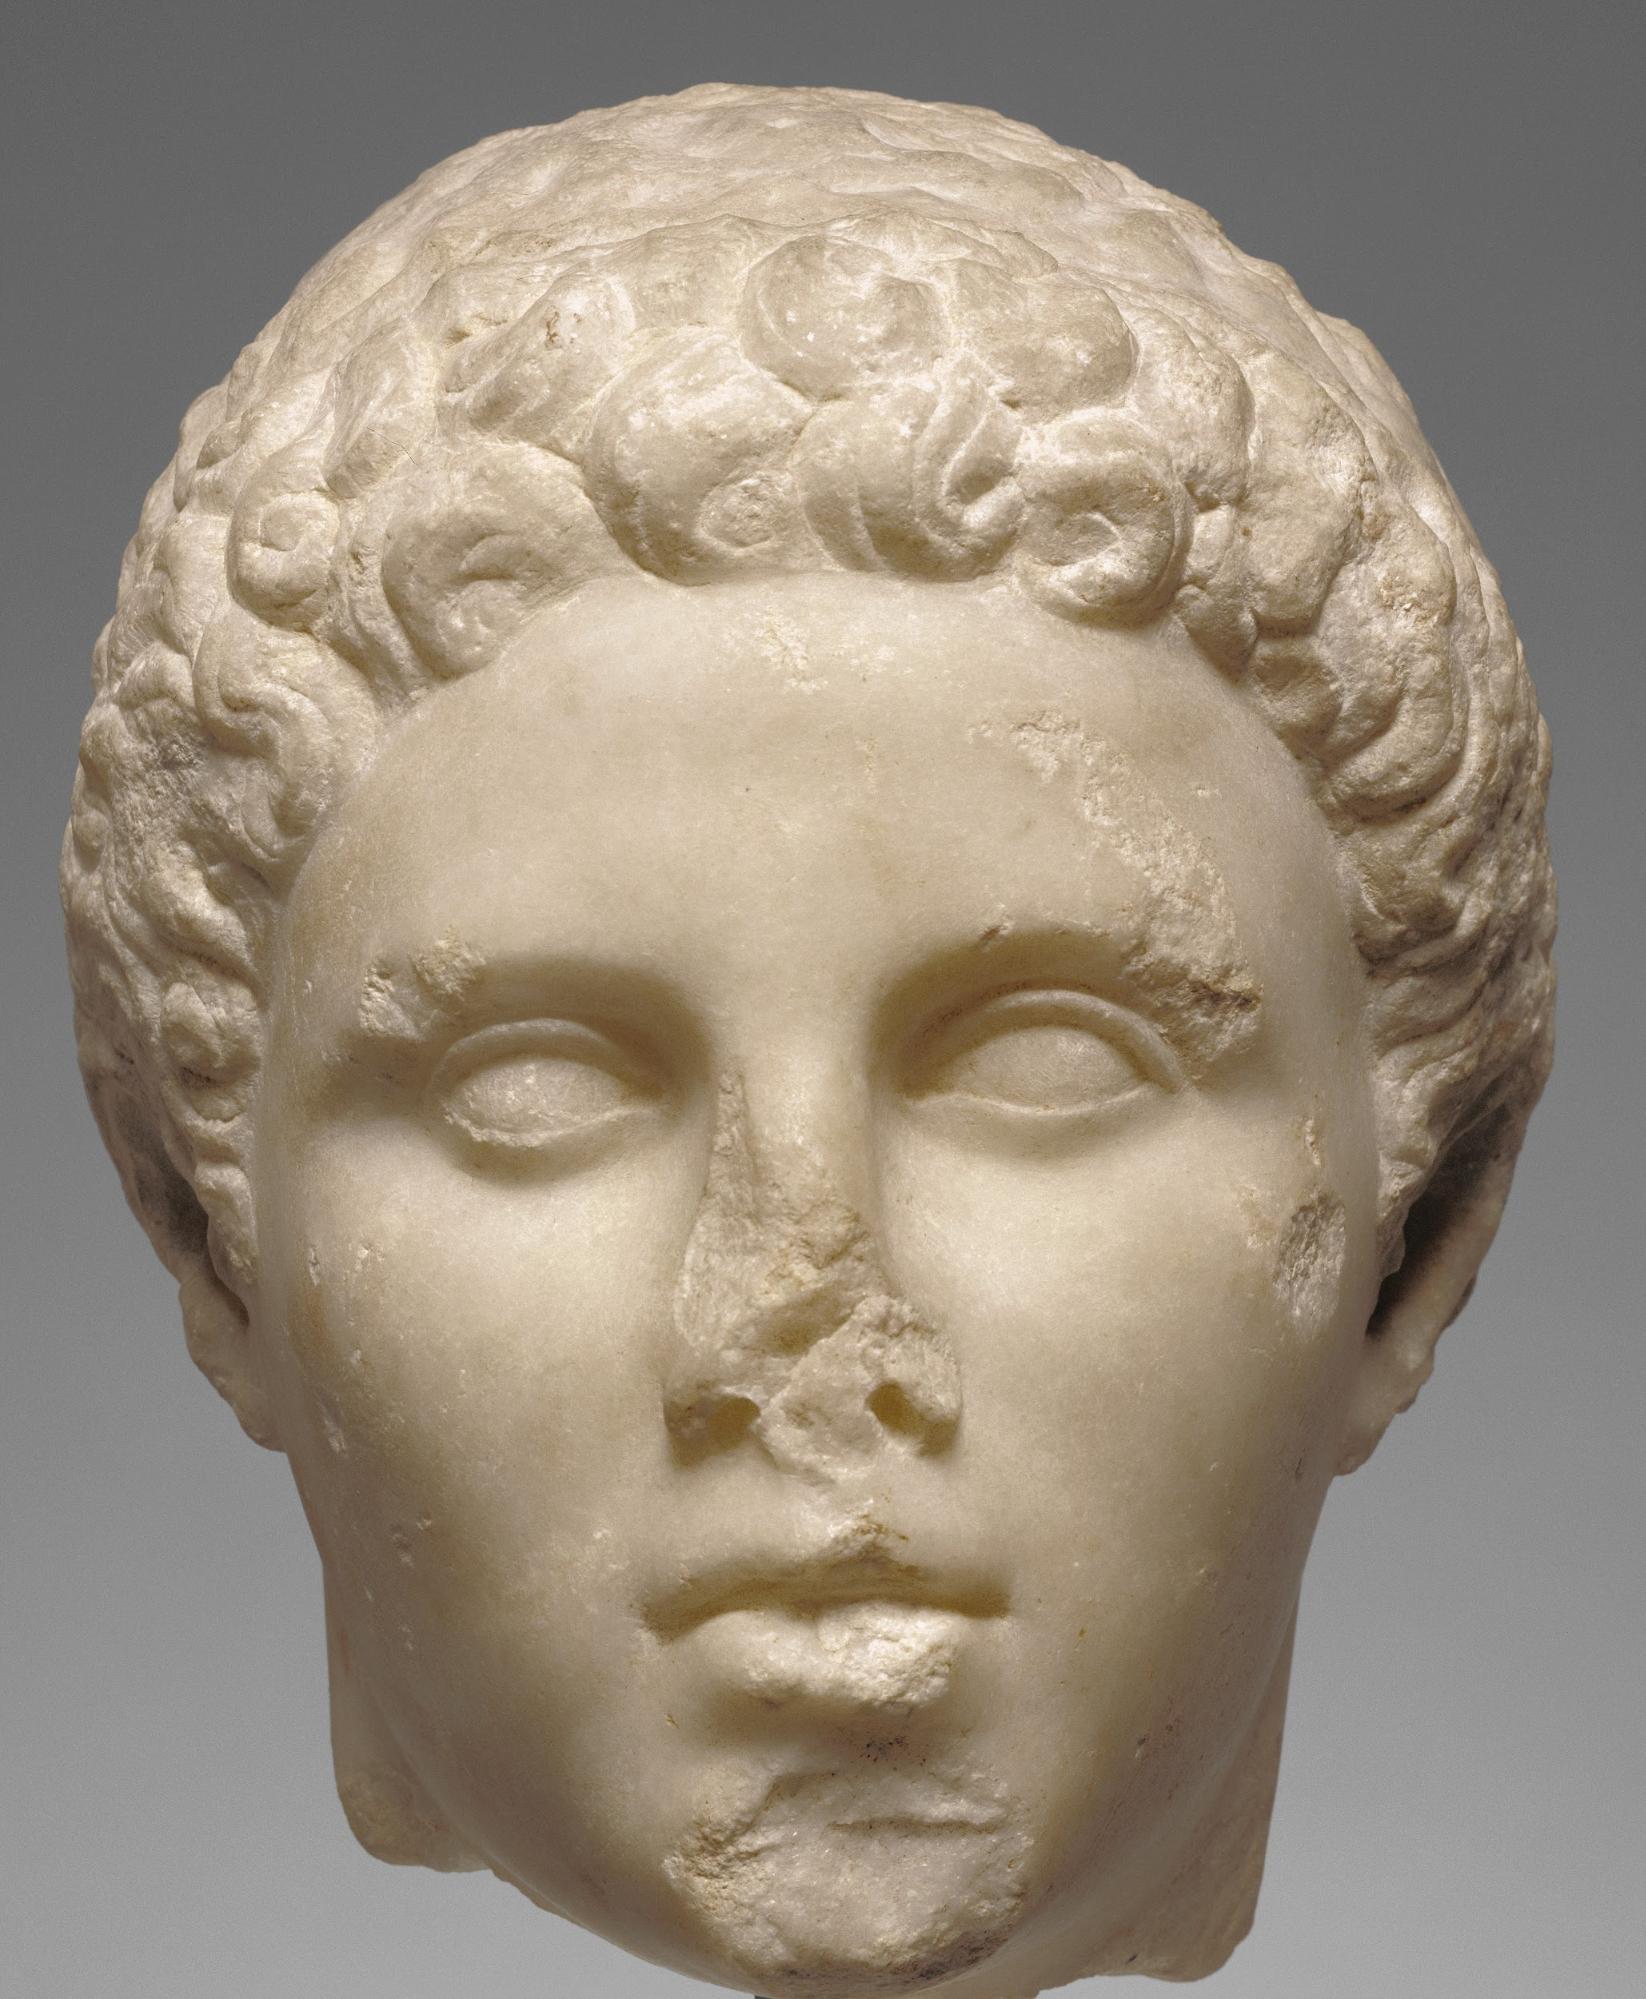 Гефестион — ближайший друг, сподвижник и любовник А. Македонского